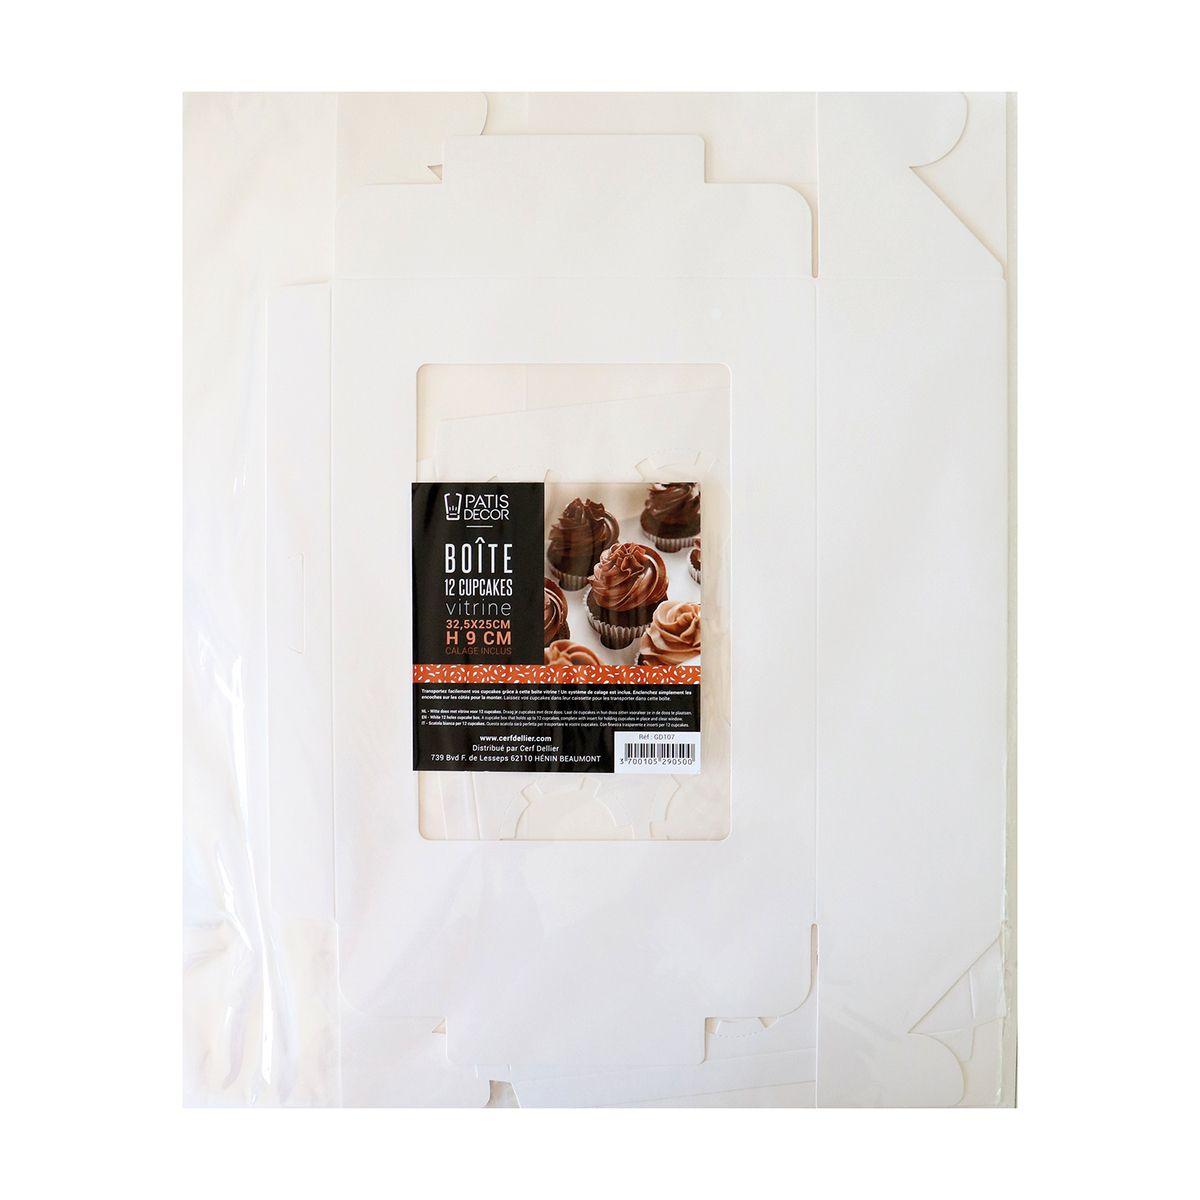 Boite de transport 12 cupcakes en carton blanc 32.5 x 25 x 9 cm - Patisdecor